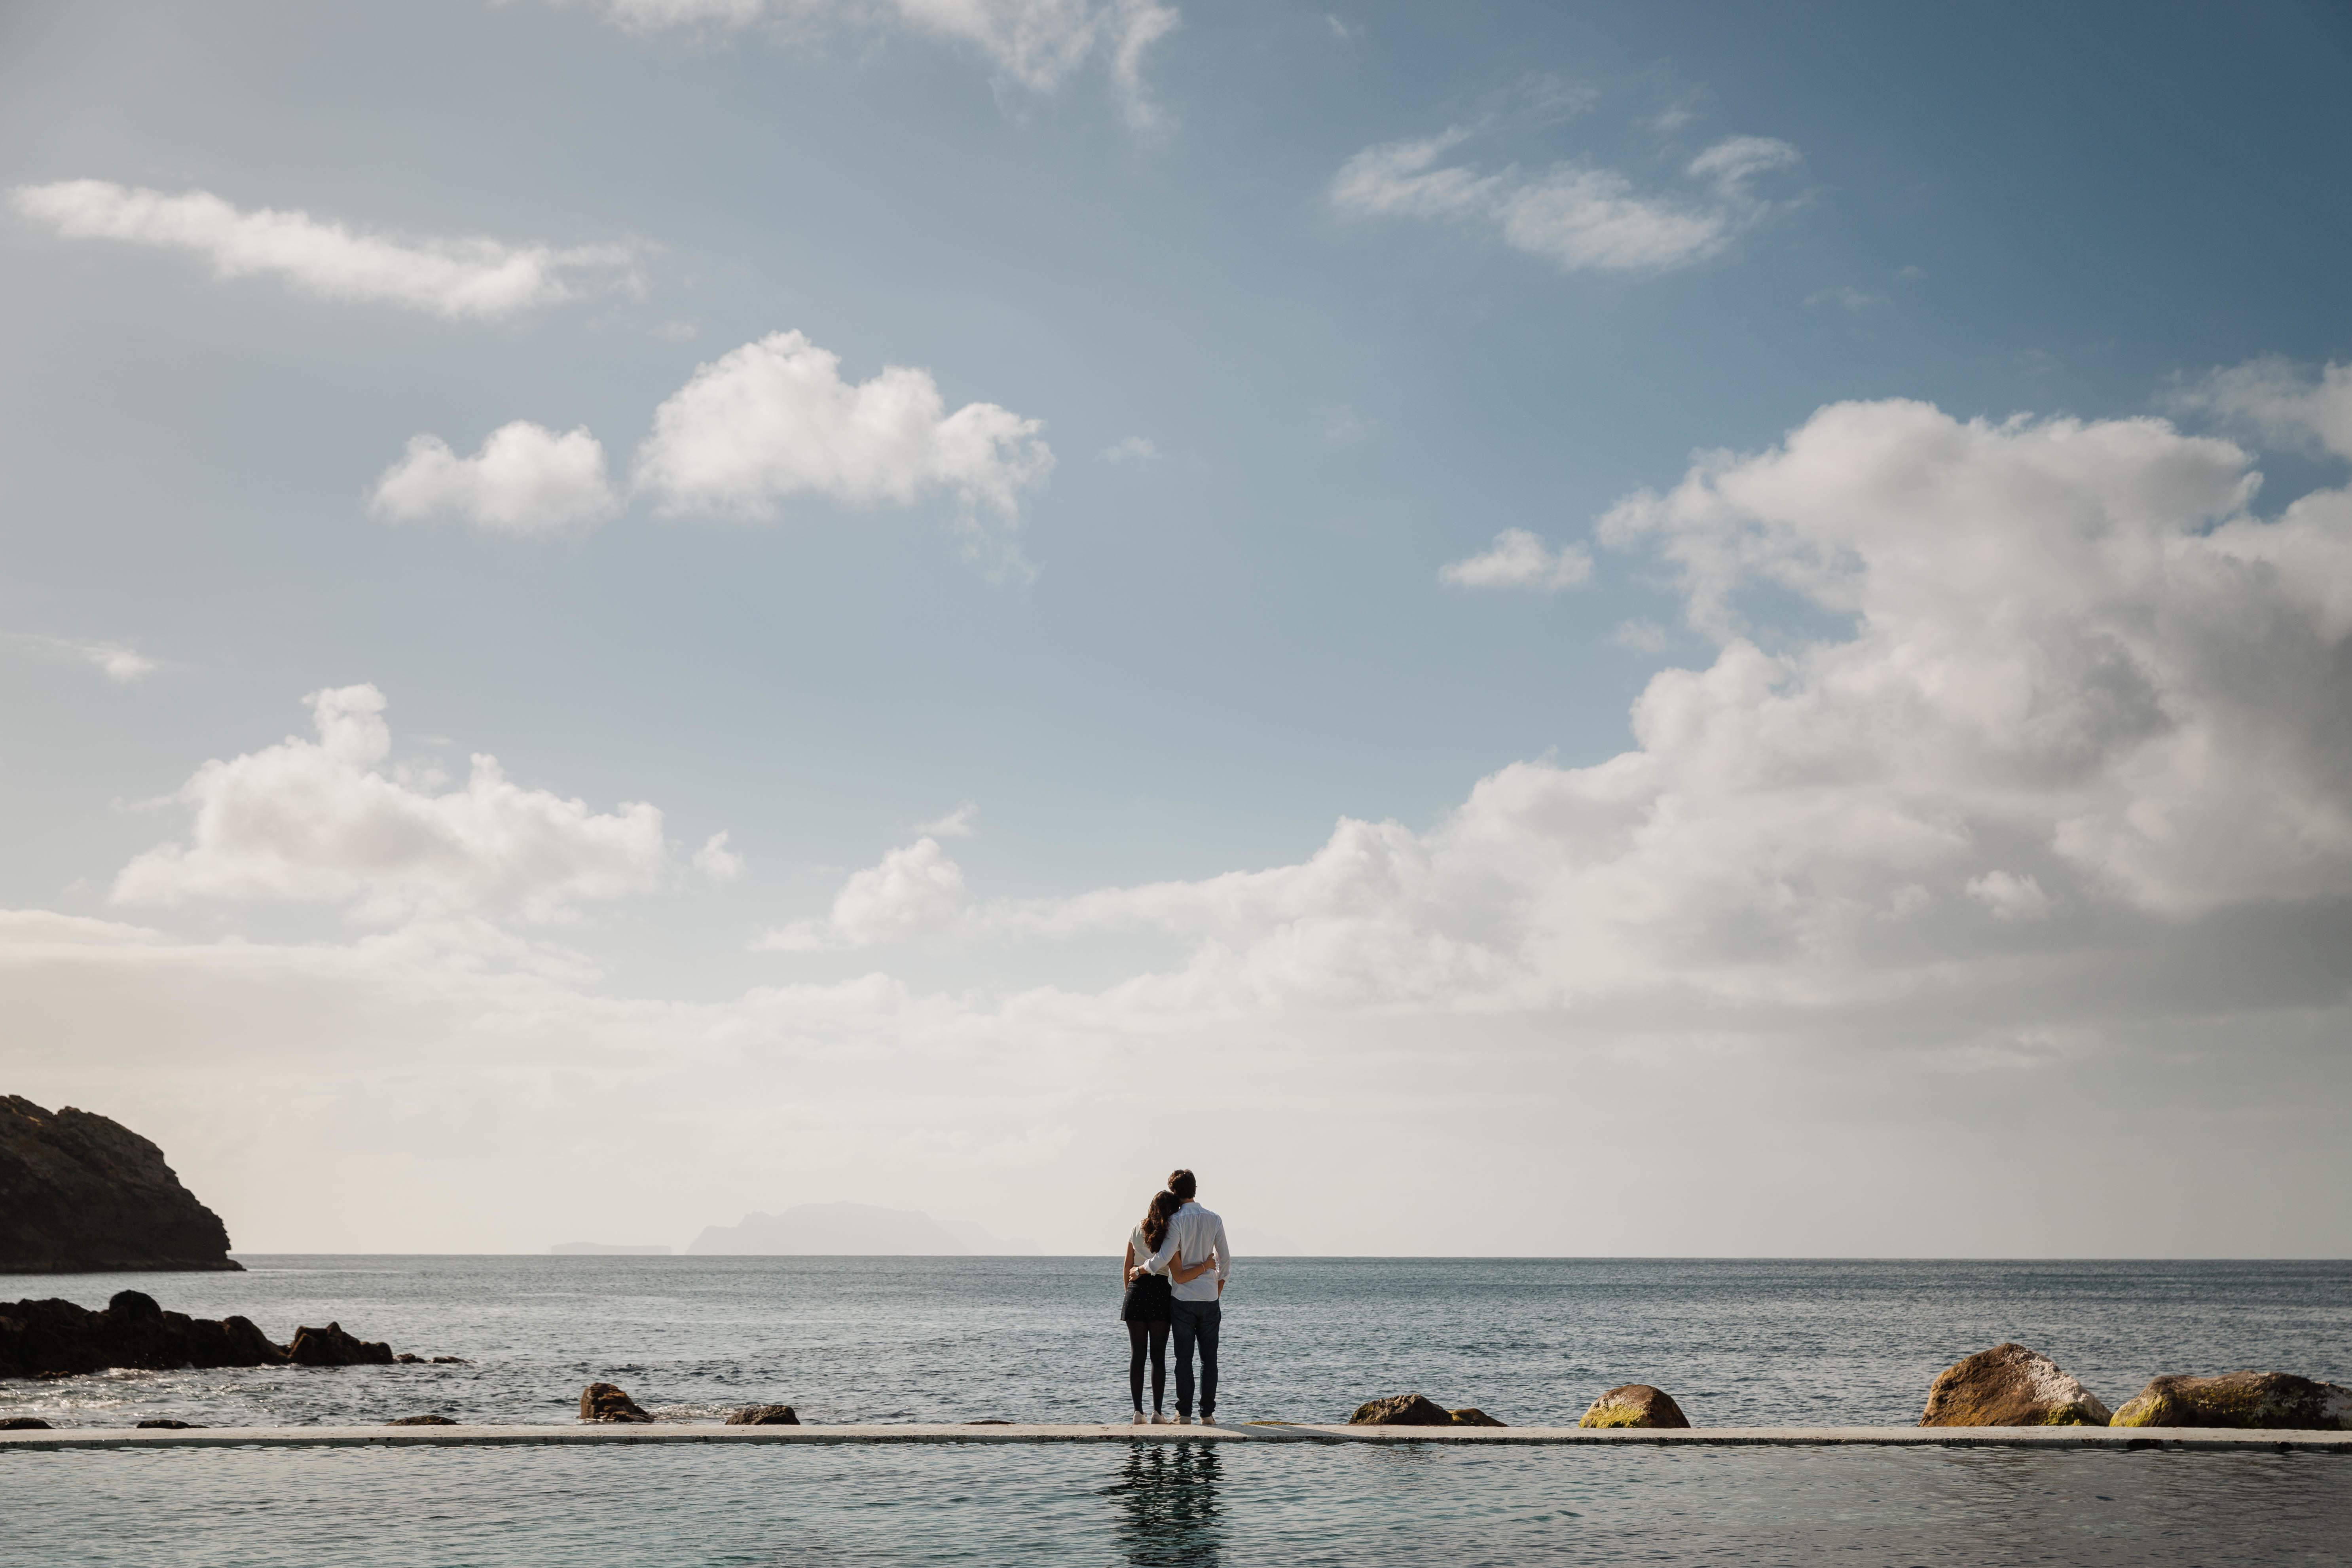 Sobre Ludgi Fotografos - Fotógrafos de Casamento, Estúdio e Newborn em Setúbal